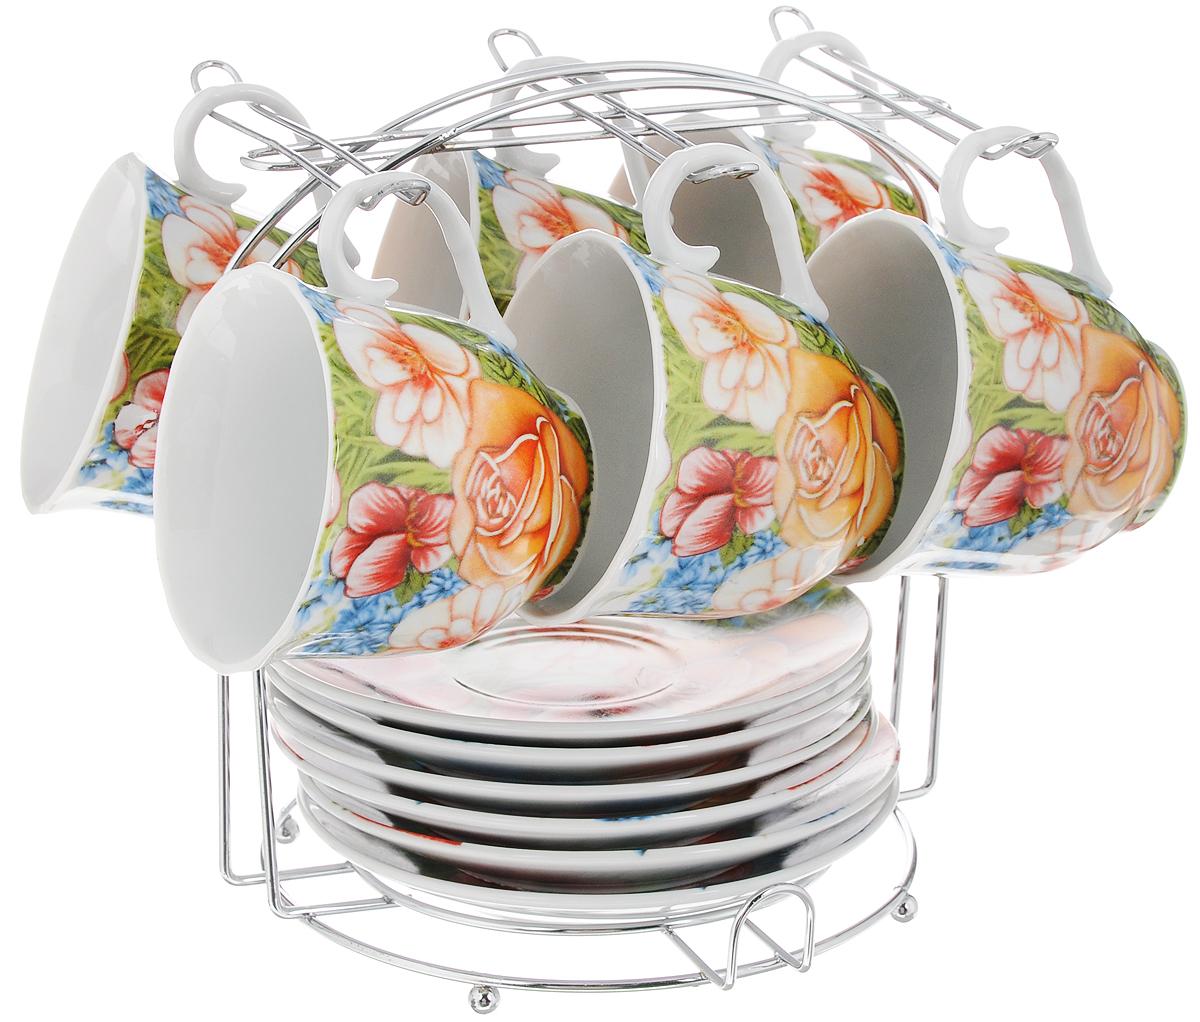 Набор чайный Bella, на подставке, 13 предметов. DL-F6MS-022115510Набор Bella состоит из шести чашек и шести блюдец, изготовленных из высококачественного фарфора. Чашки оформлены красочным рисунком. Изделия расположены на металлической подставке. Такой набор подходит для подачи чая или кофе.Чайный набор Bella - идеальный и необходимый подарок для вашего дома и для ваших друзей в праздники.Объем чашки: 220 мл. Диаметр чашки (по верхнему краю): 8 см. Высота чашки: 7,5 см. Диаметр блюдца: 14 см. Высота блюдца: 2 см.Размер подставки: 17,5 х 17,5 х 19 см.